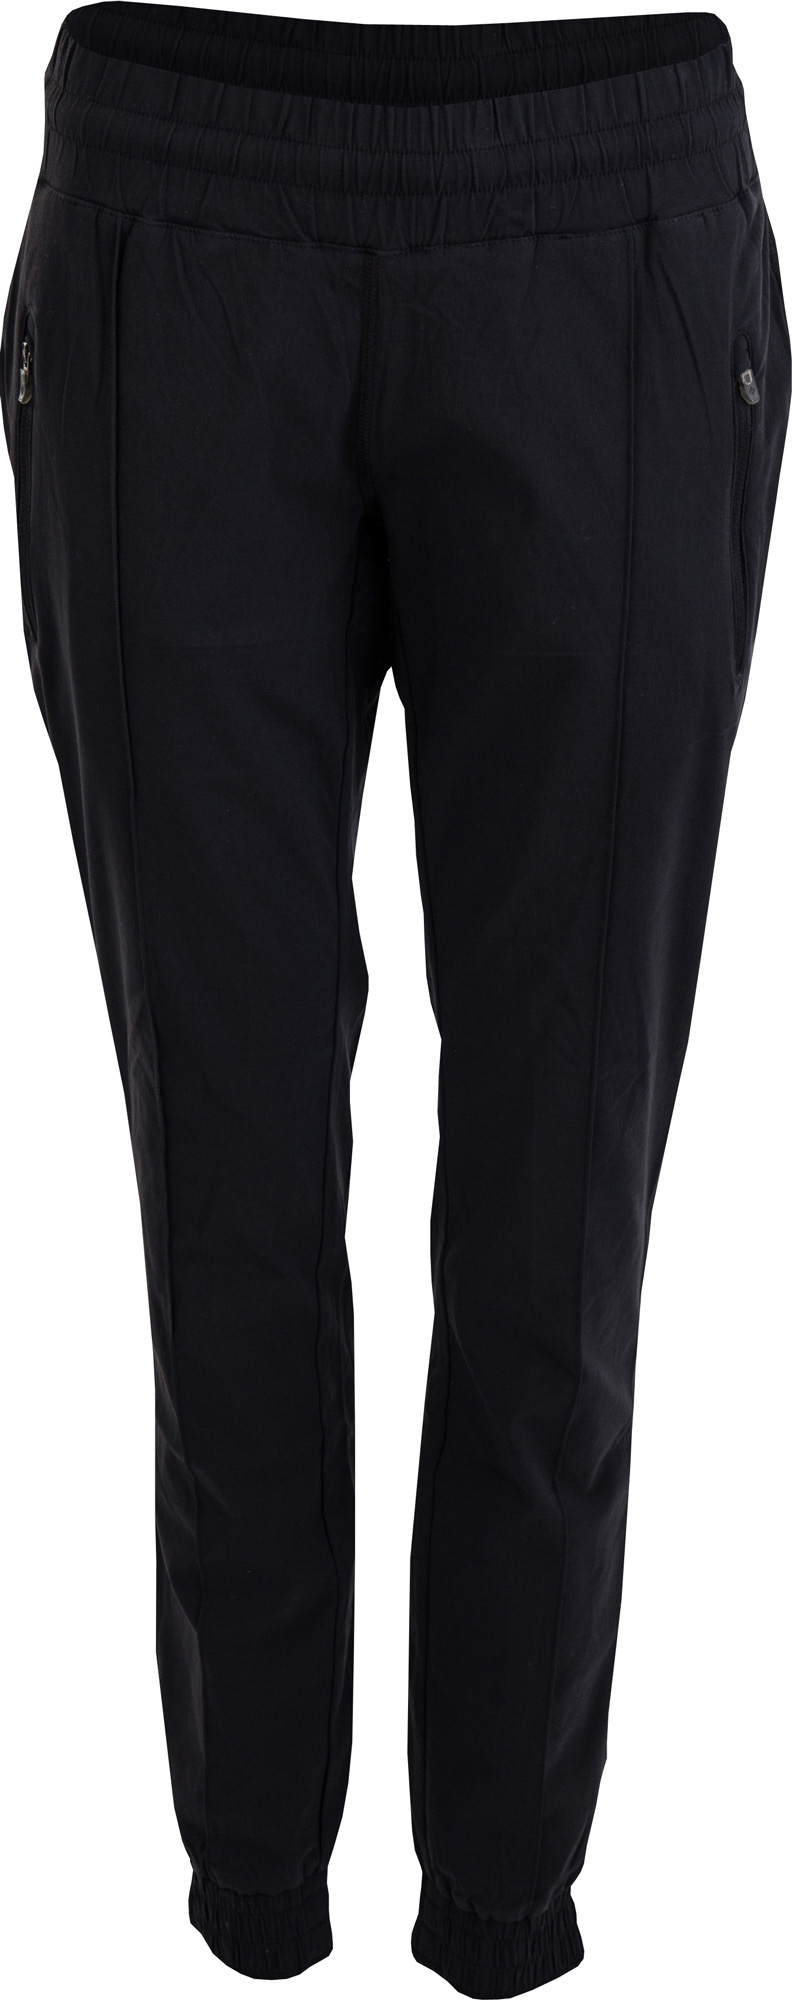 Women's outdoor pants